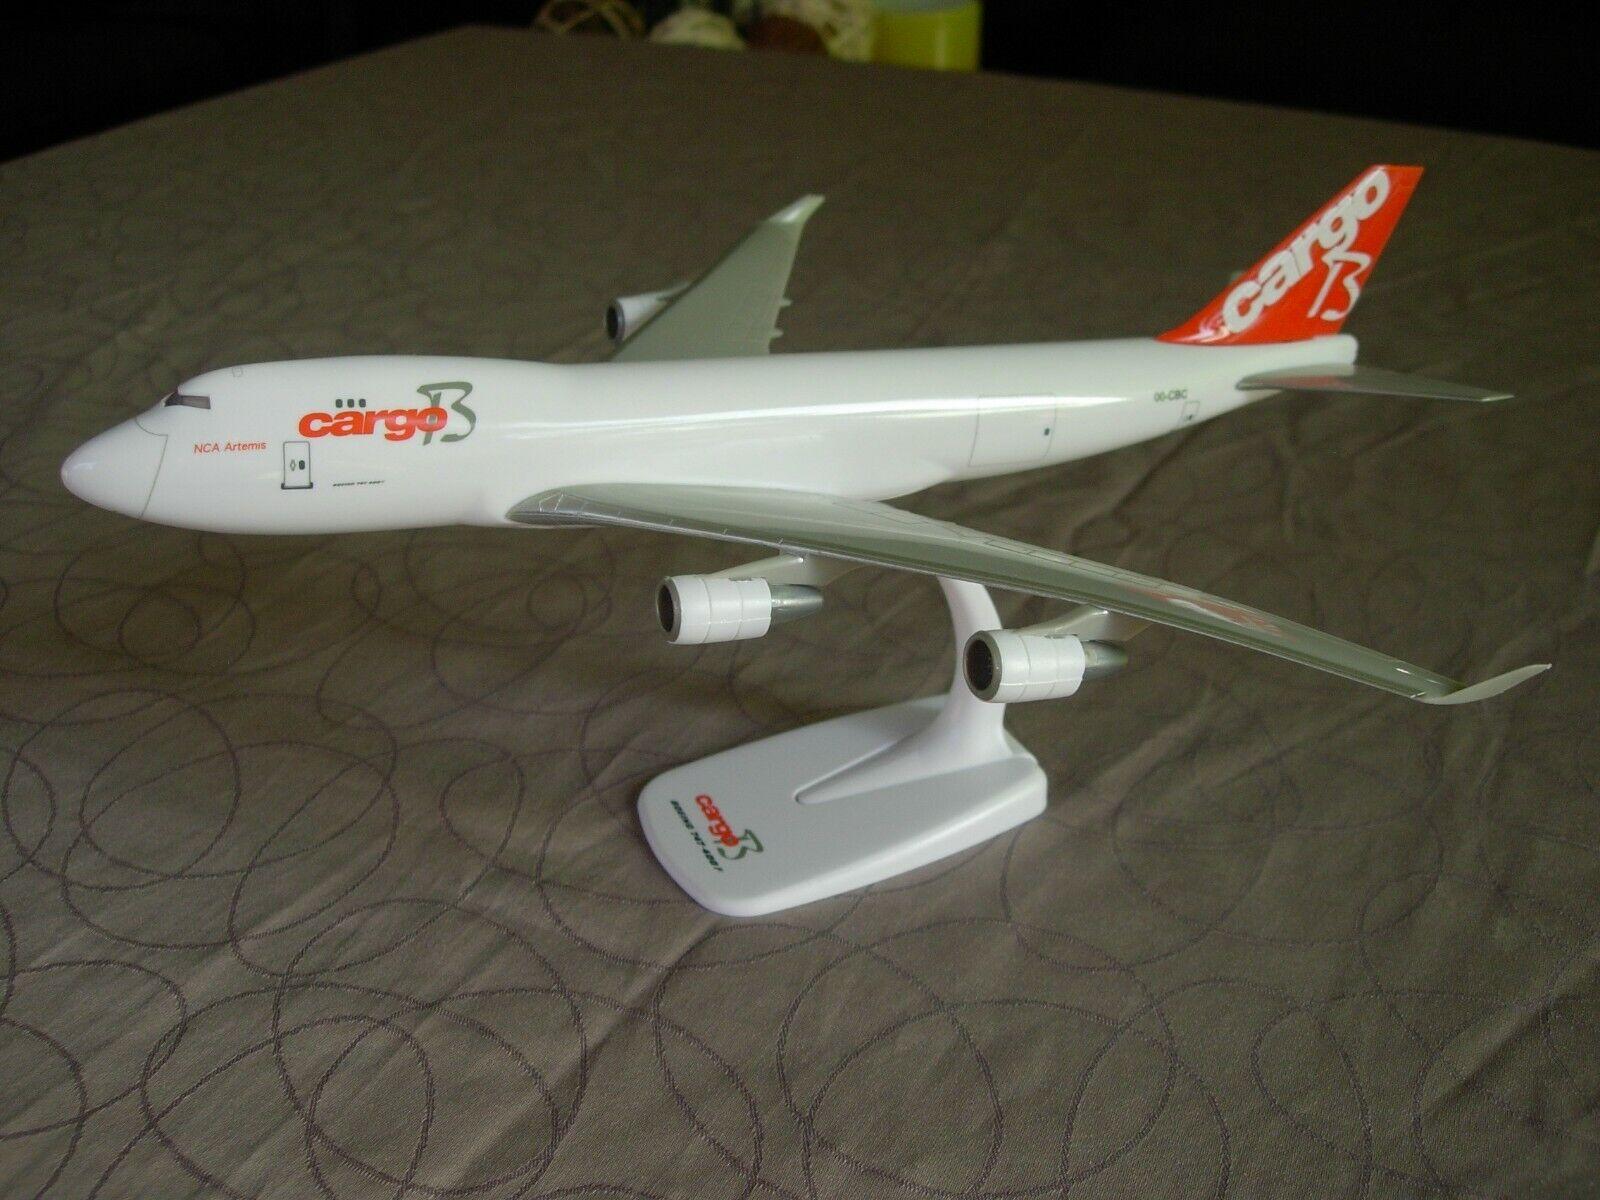 CargoB miniatuurvliegtuig Boeing B747 schaal 1/250 met originele doos.L:28cm